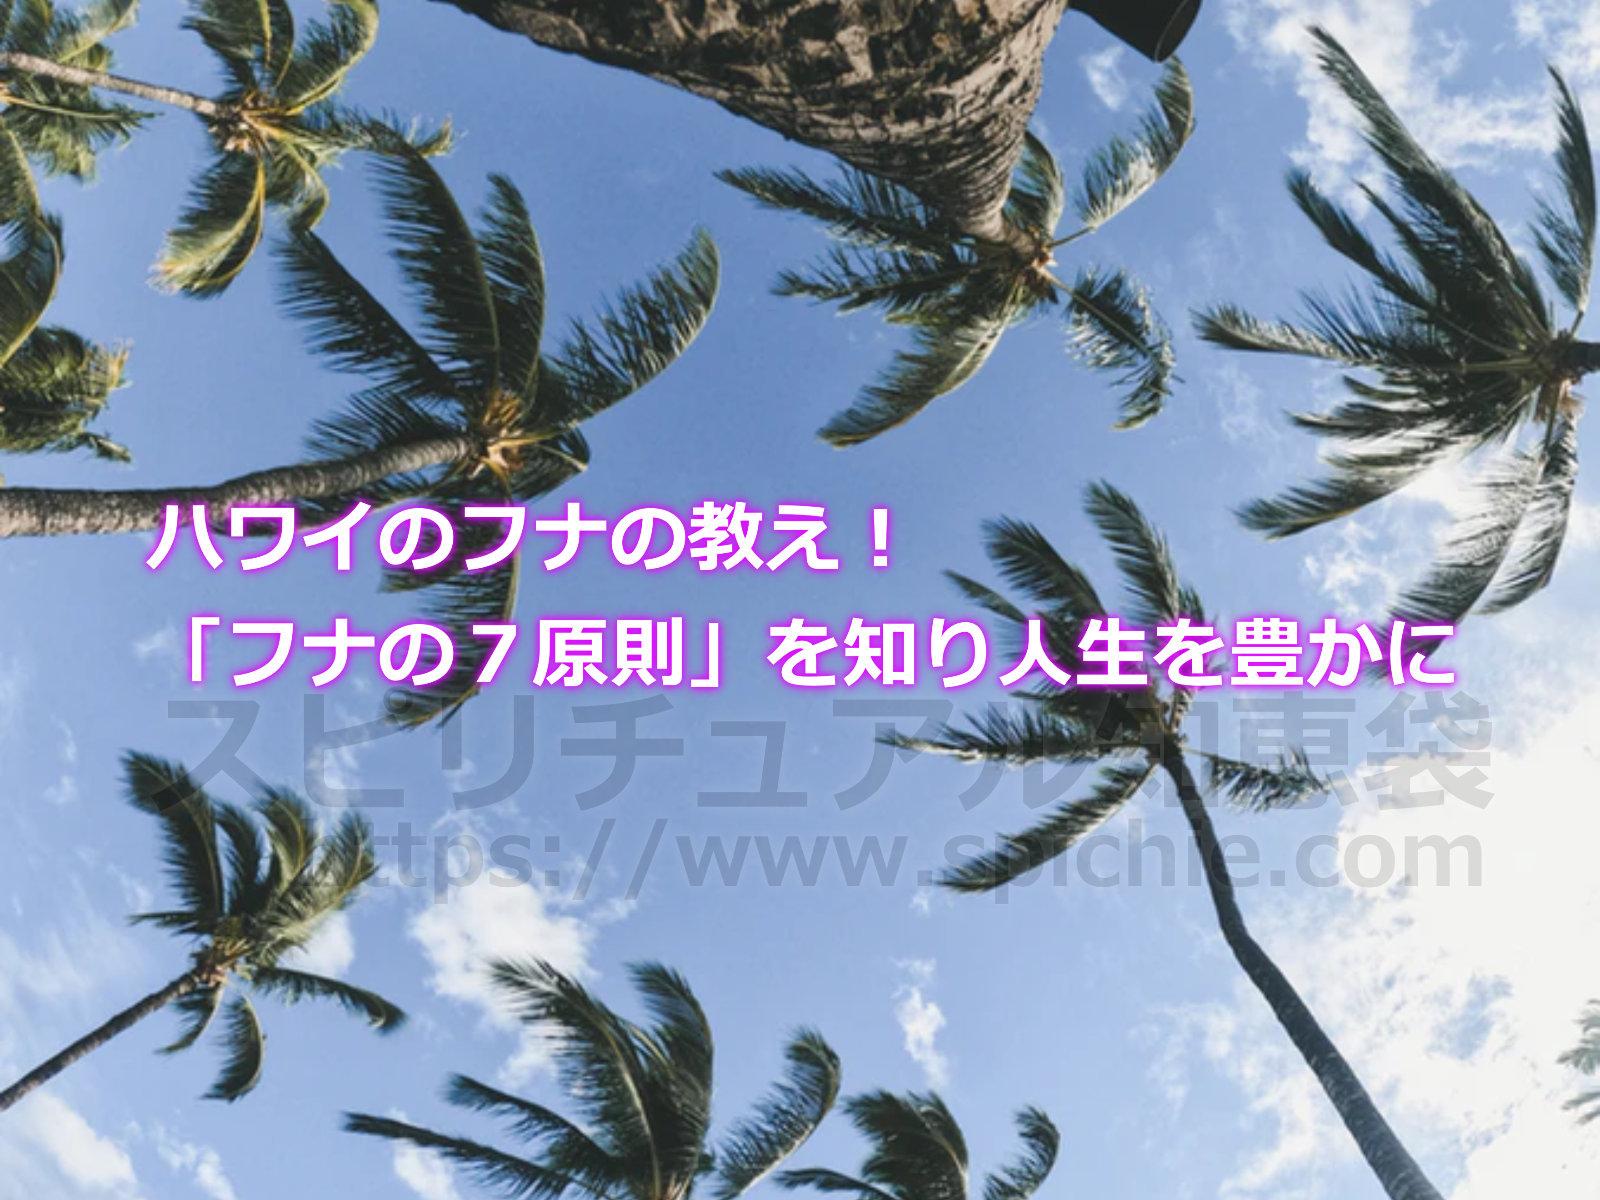 ハワイのフナの教え!「フナの7原則」を知り人生を豊かにのアイキャッチ画像